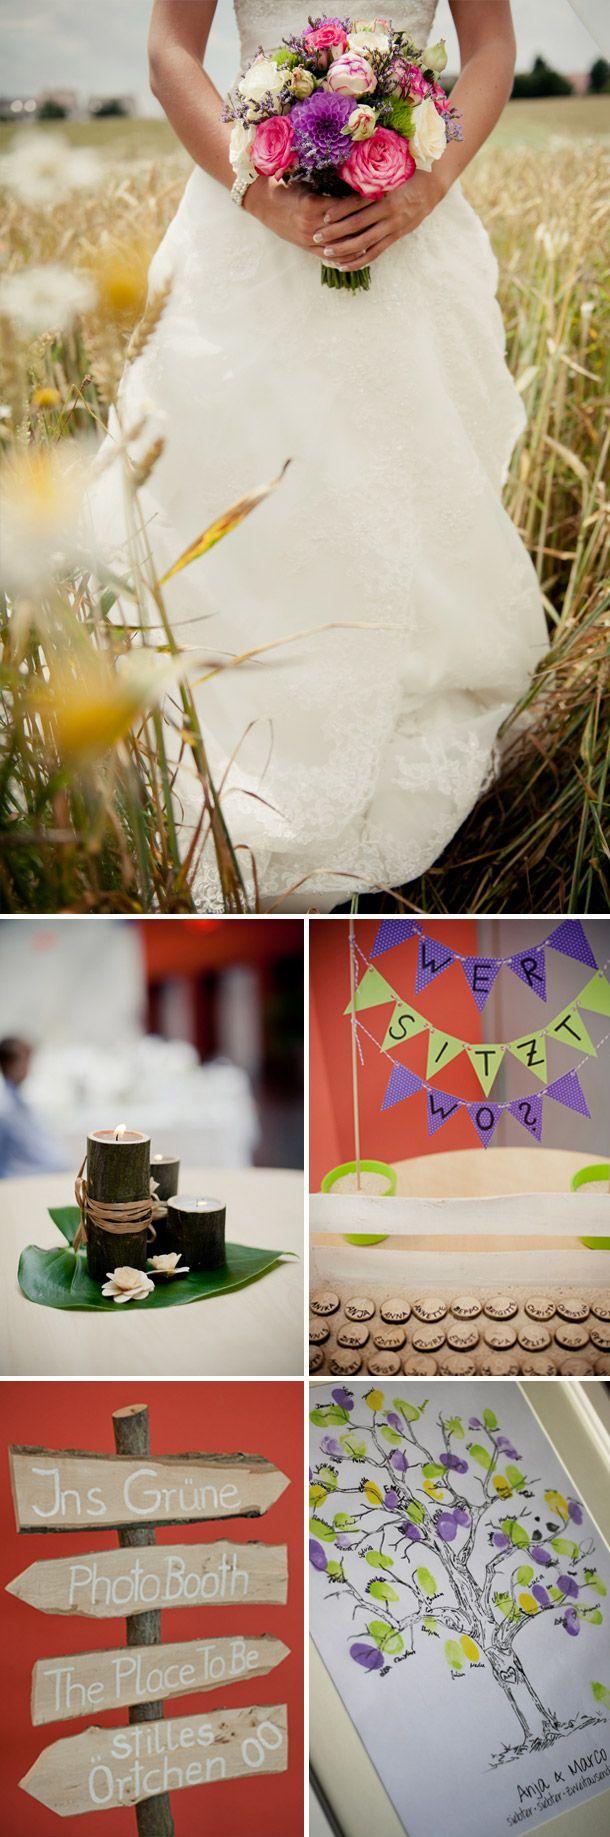 DIY-Hochzeit im Schloss Werneck | Hochzeitsblog Hochzeitswahn – Sei Inspiriert!